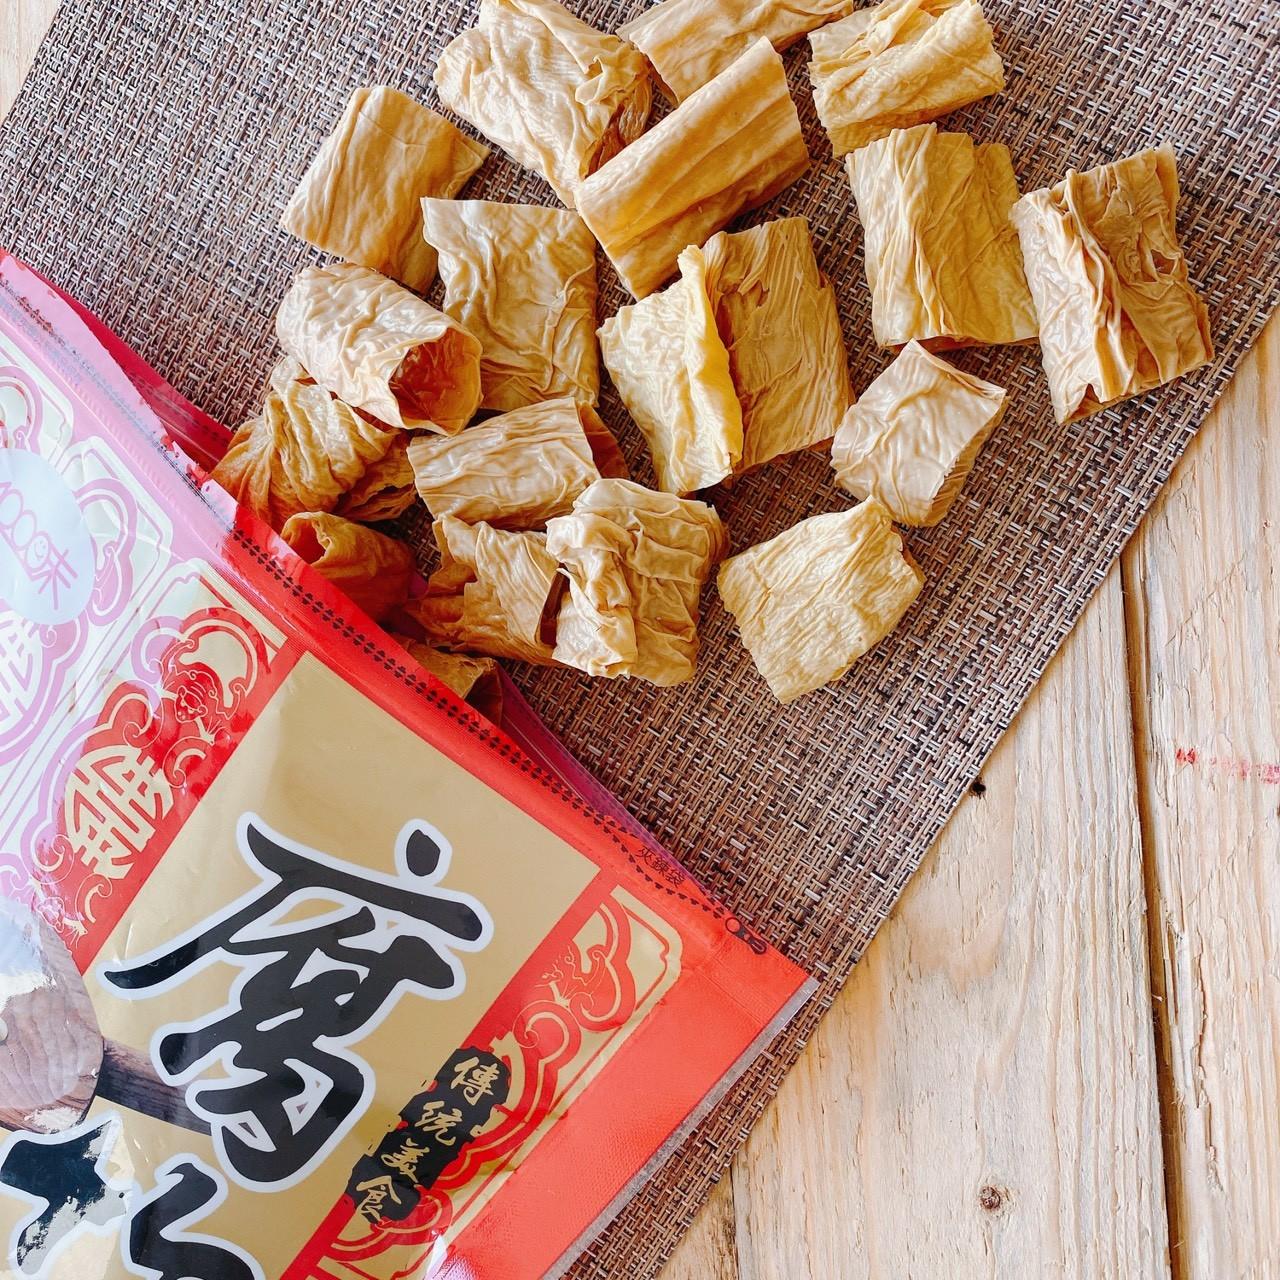 【30天窈窕必備】無油腐竹/千張《煮麵/火鍋/減醣》- 6包賣場